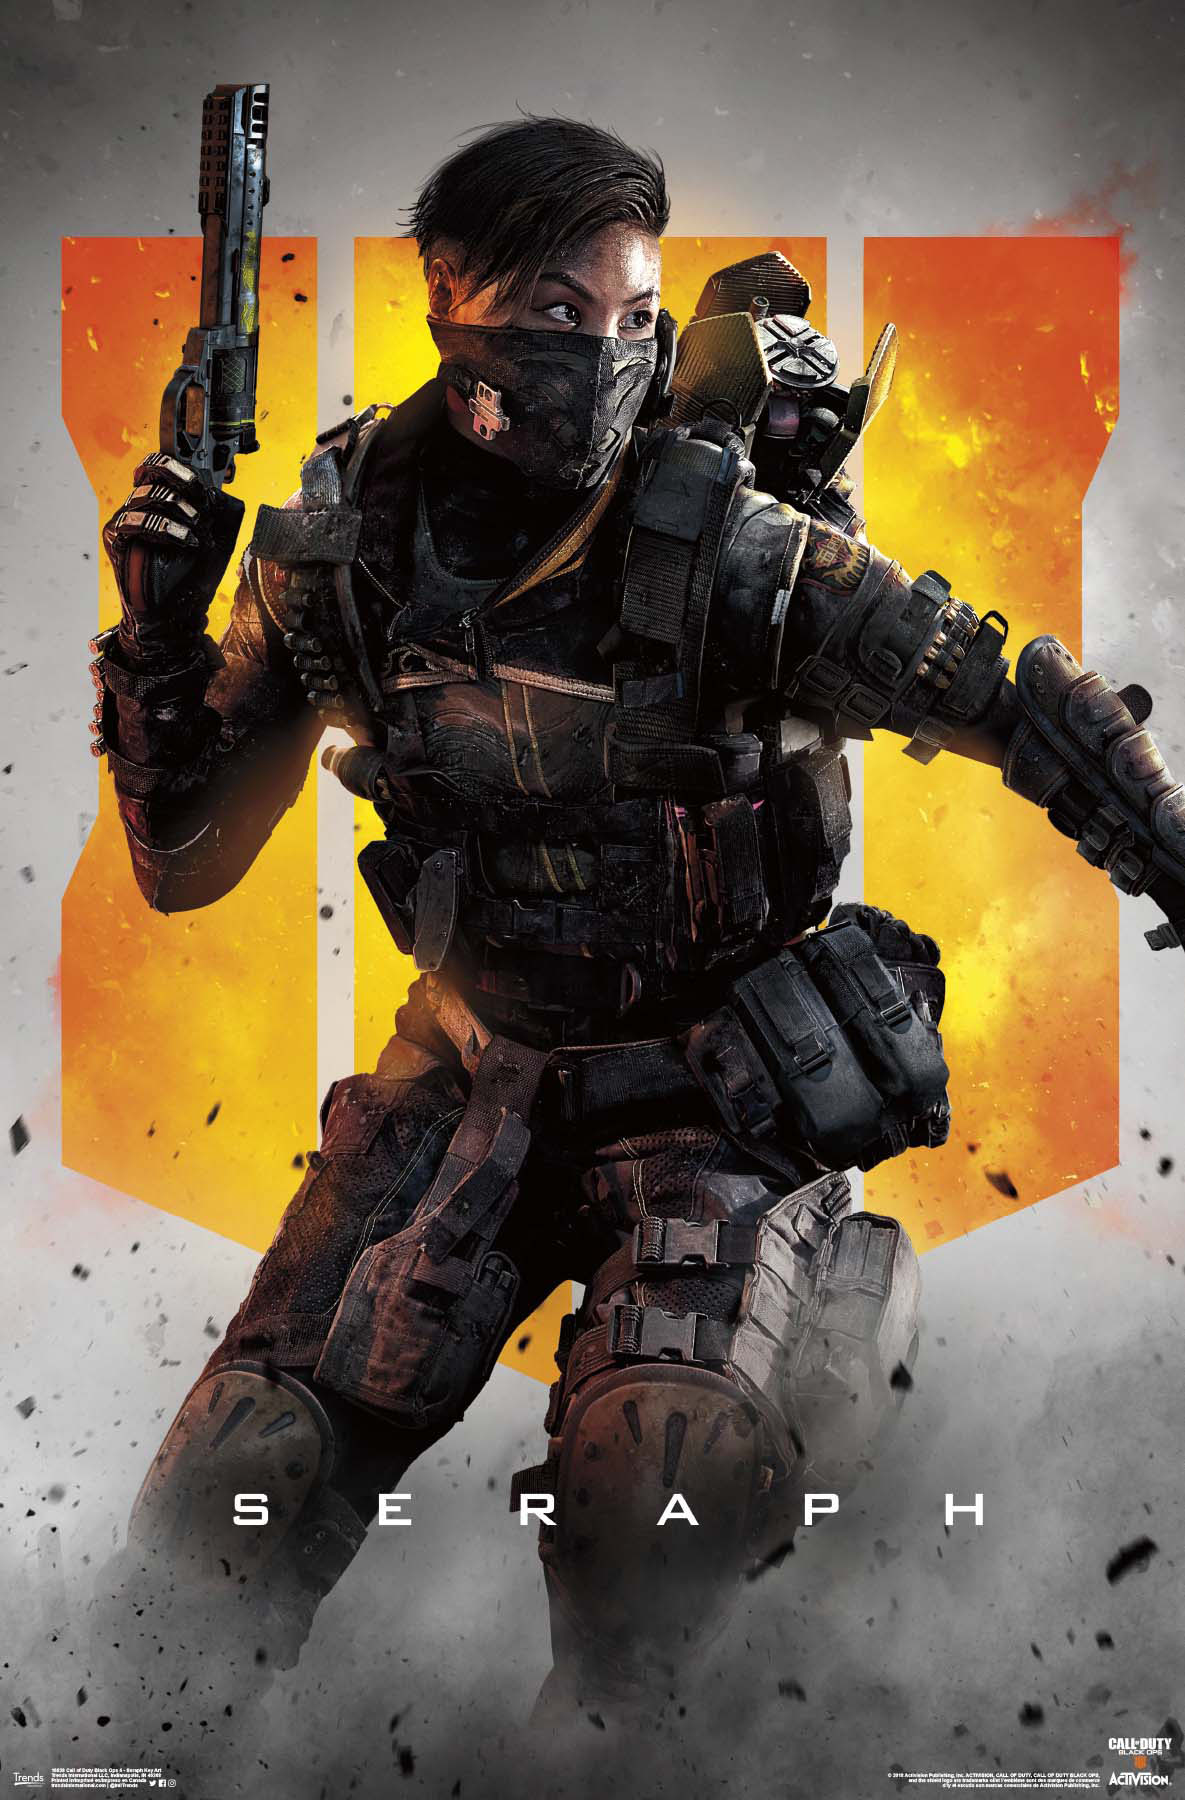 Call Of Duty Black Ops 4 Seraph Key Art Walmart Com Walmart Com